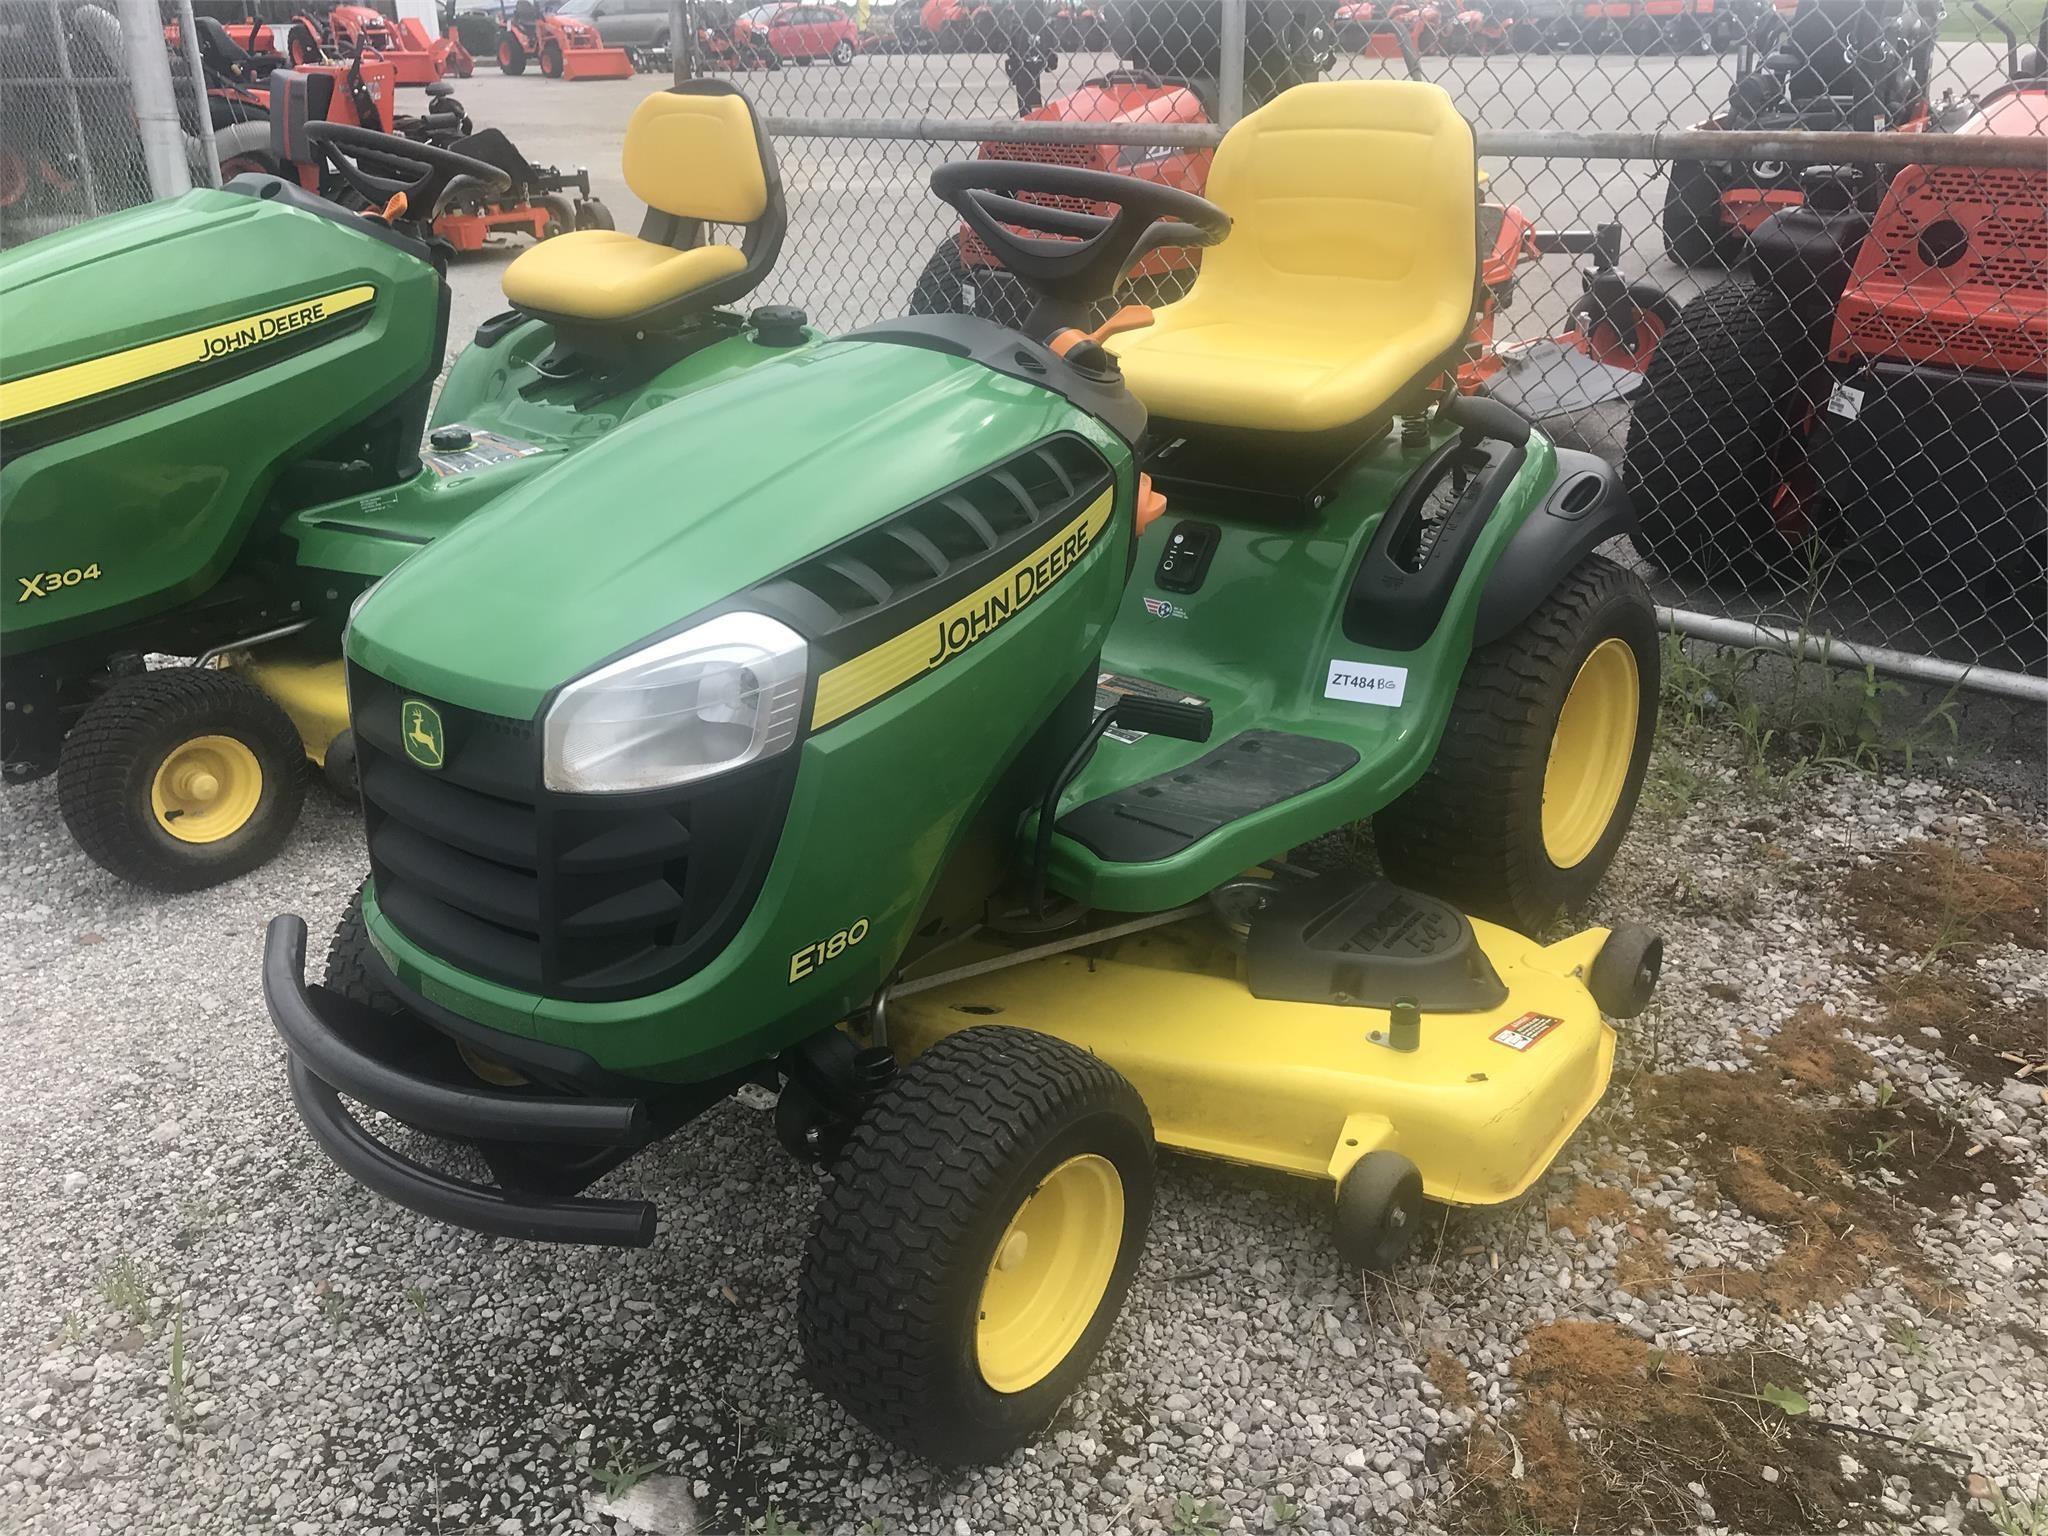 2018 John Deere E180 Lawn and Garden